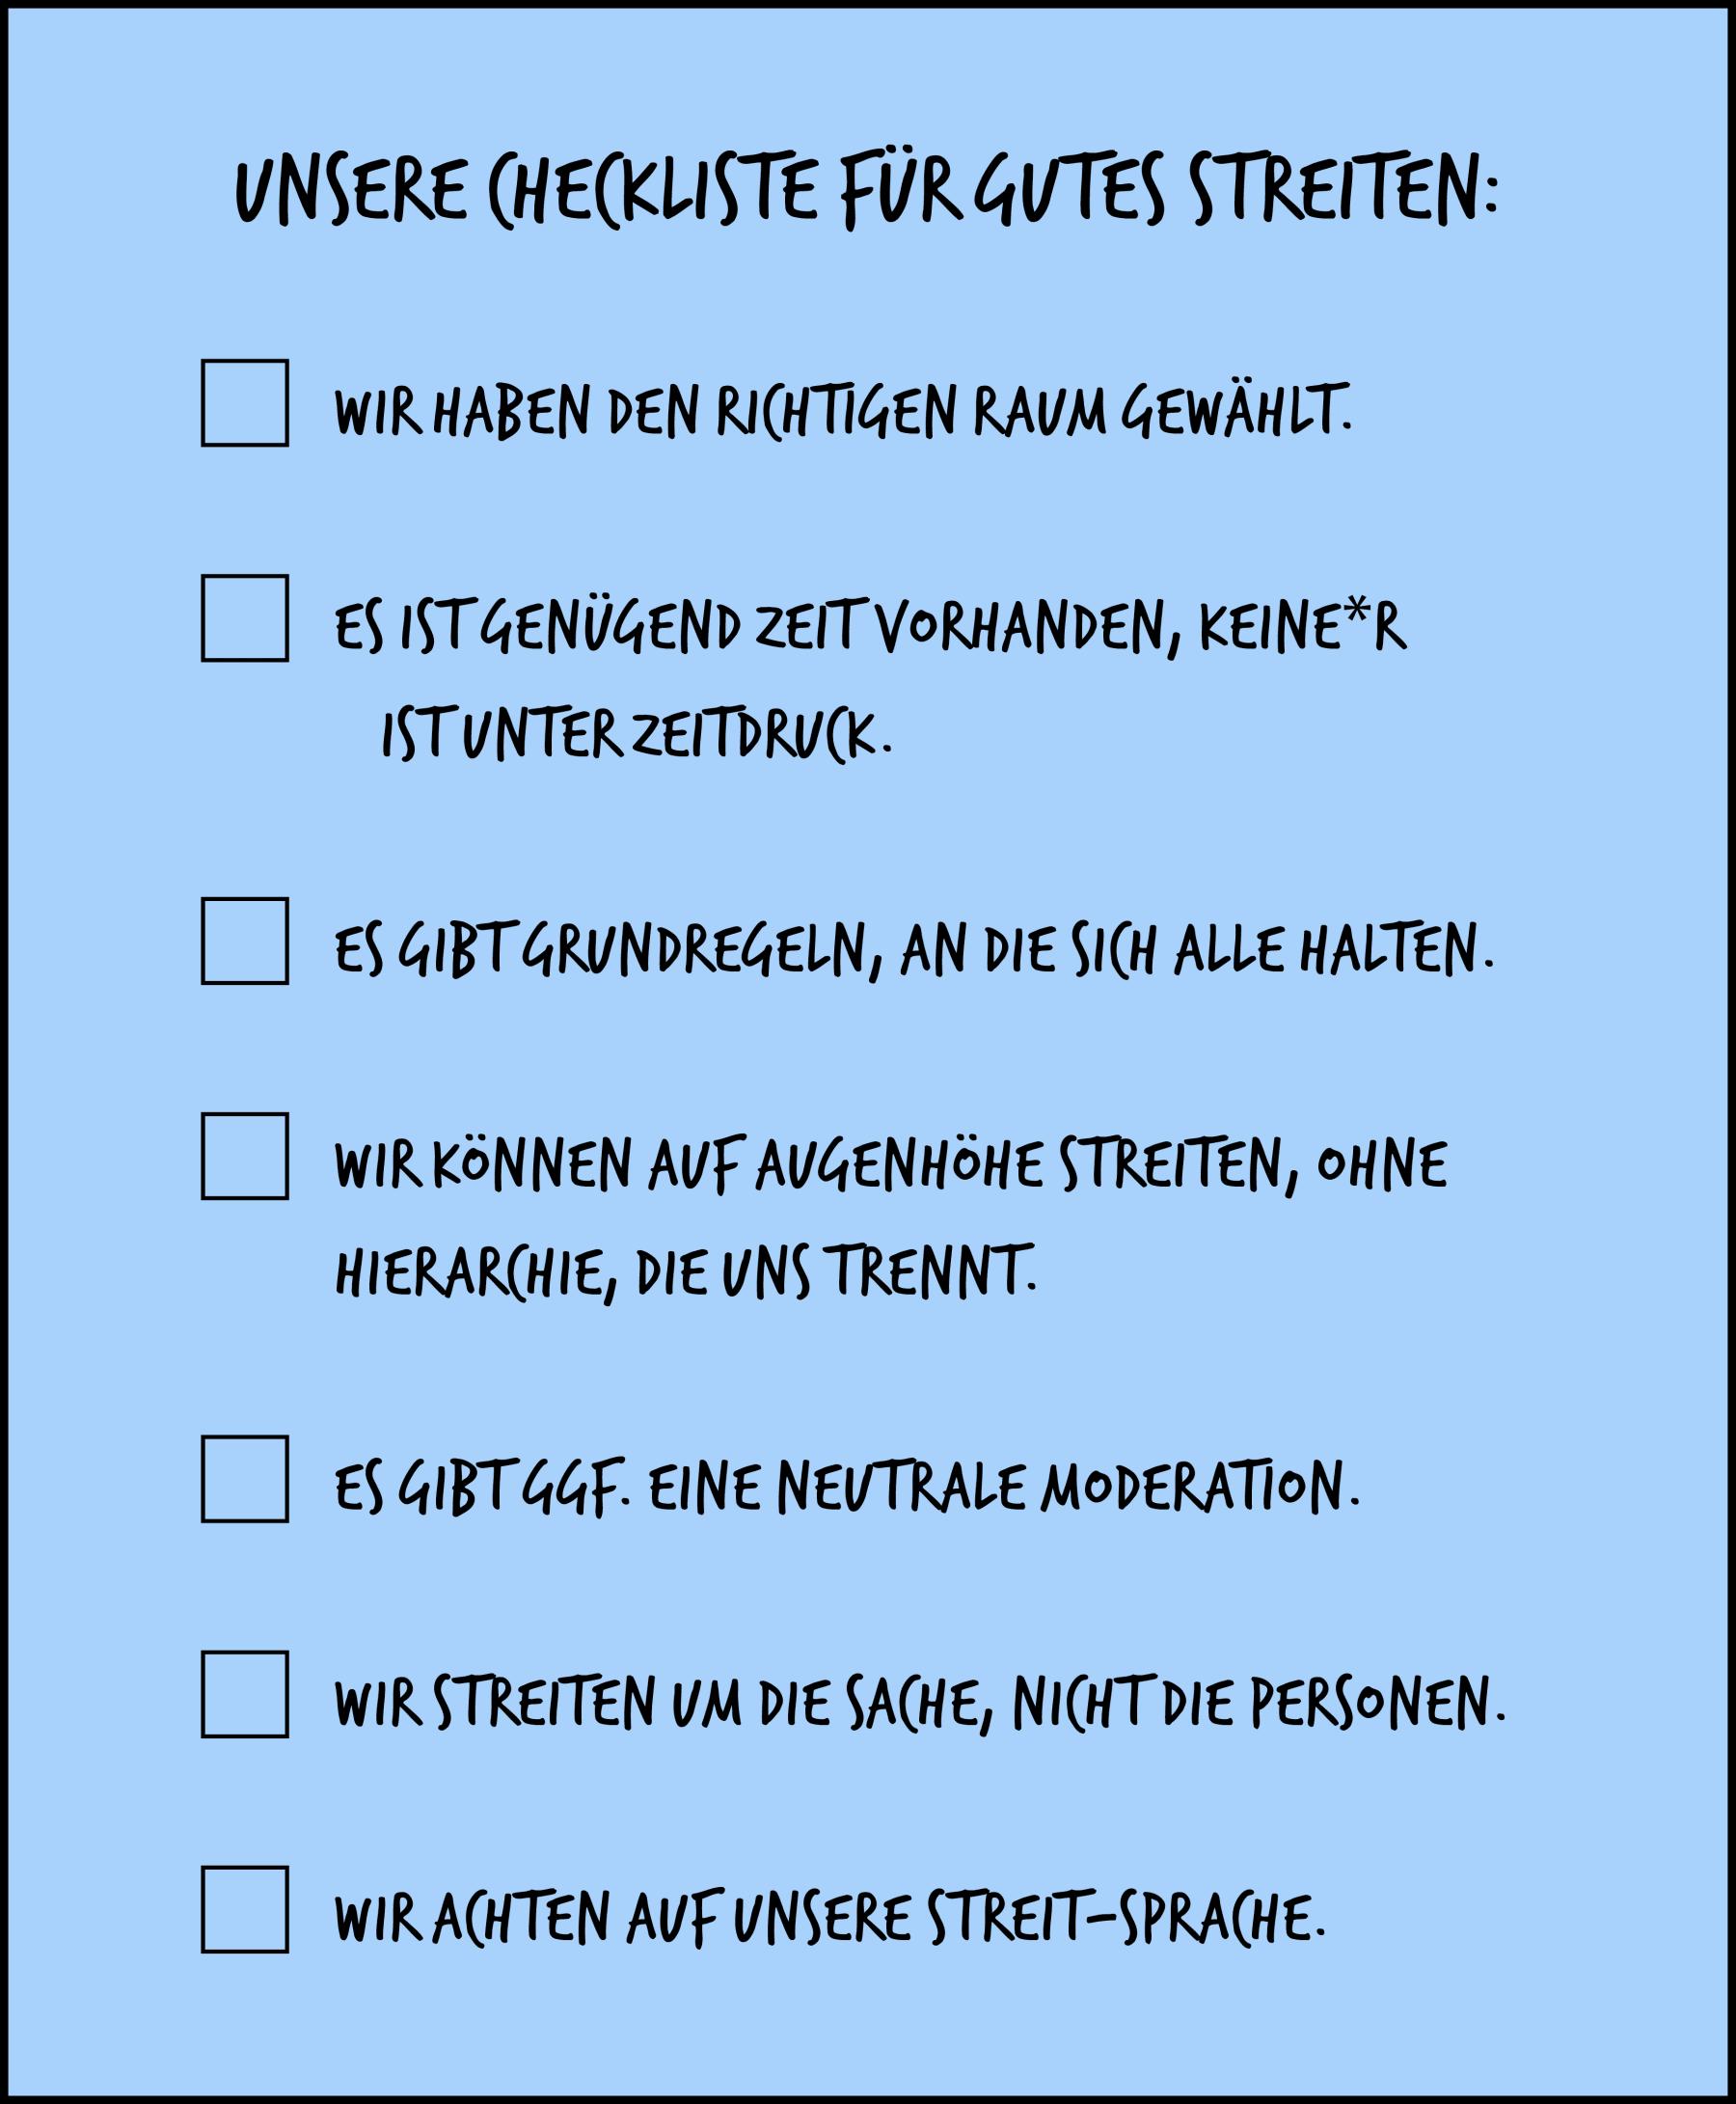 Eine Checkliste für gutes Streiten